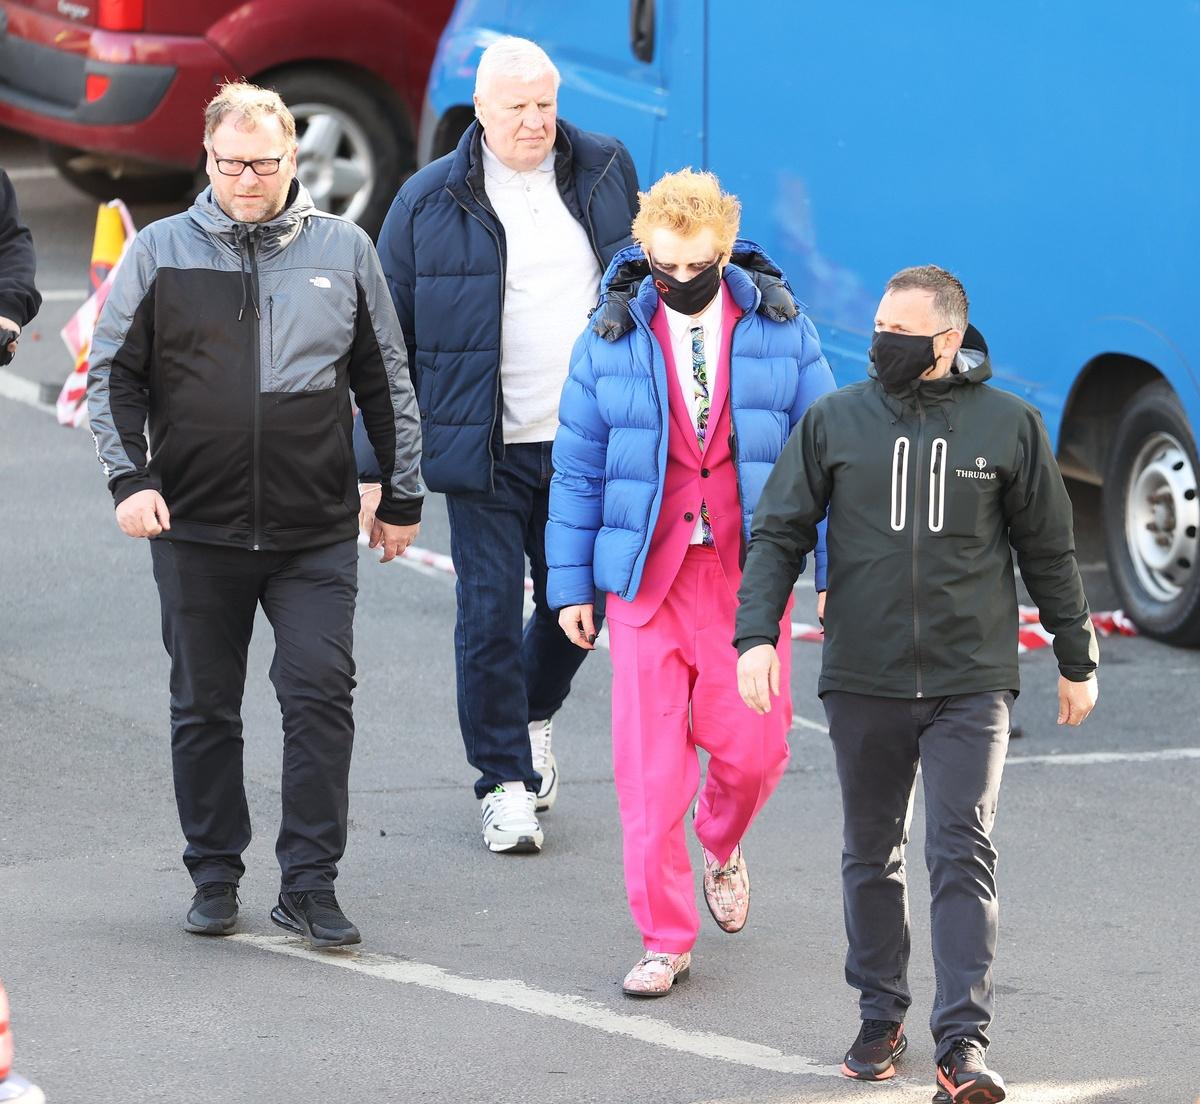 El equípo técnico mientras se rueda el último videoclip de Ed Sheeran, con el cantante en el centro